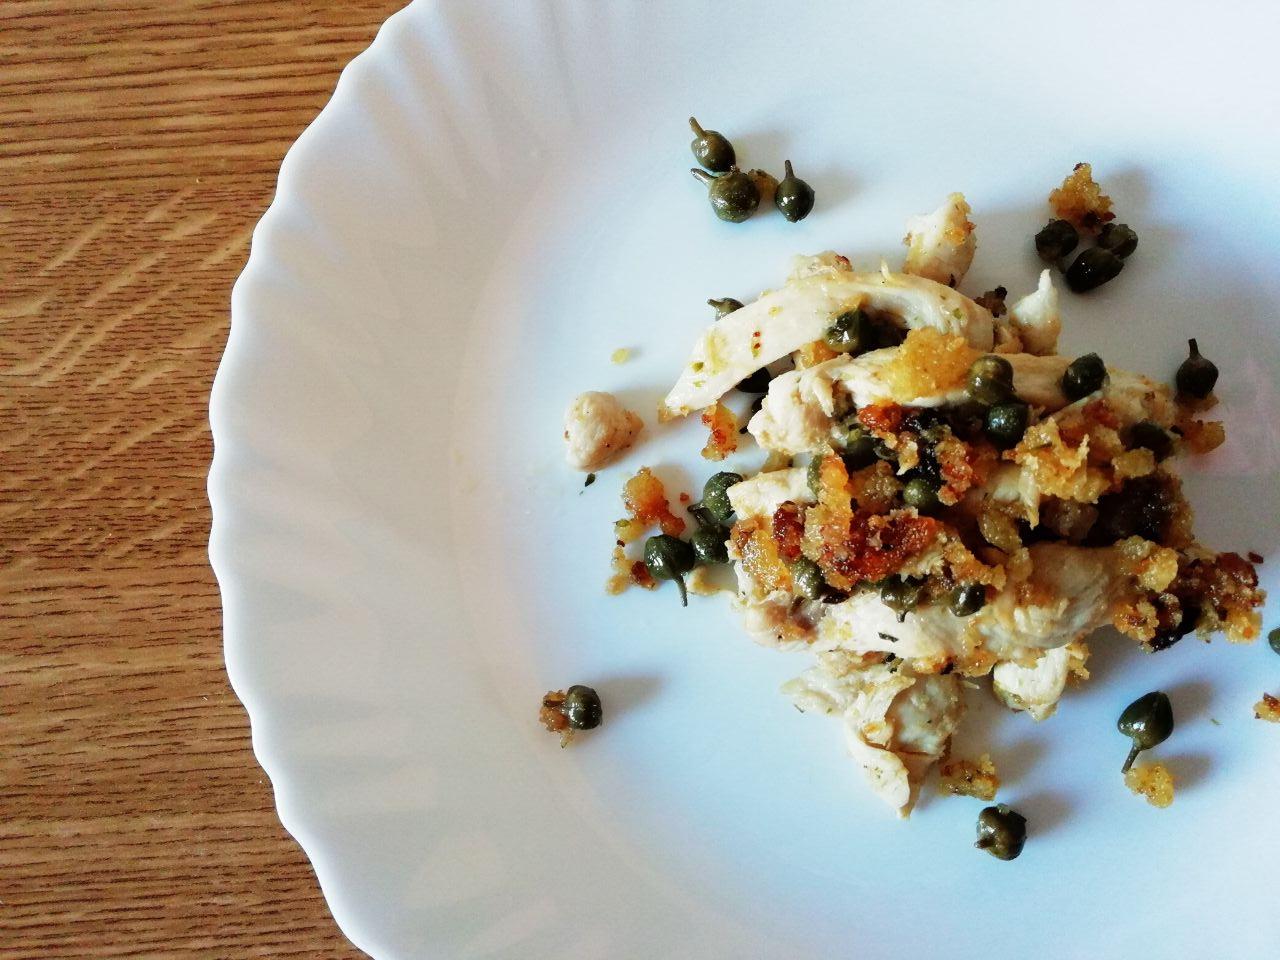 Secondi piatti a base di carne: straccetti di pollo con crumble croccante e capperi!